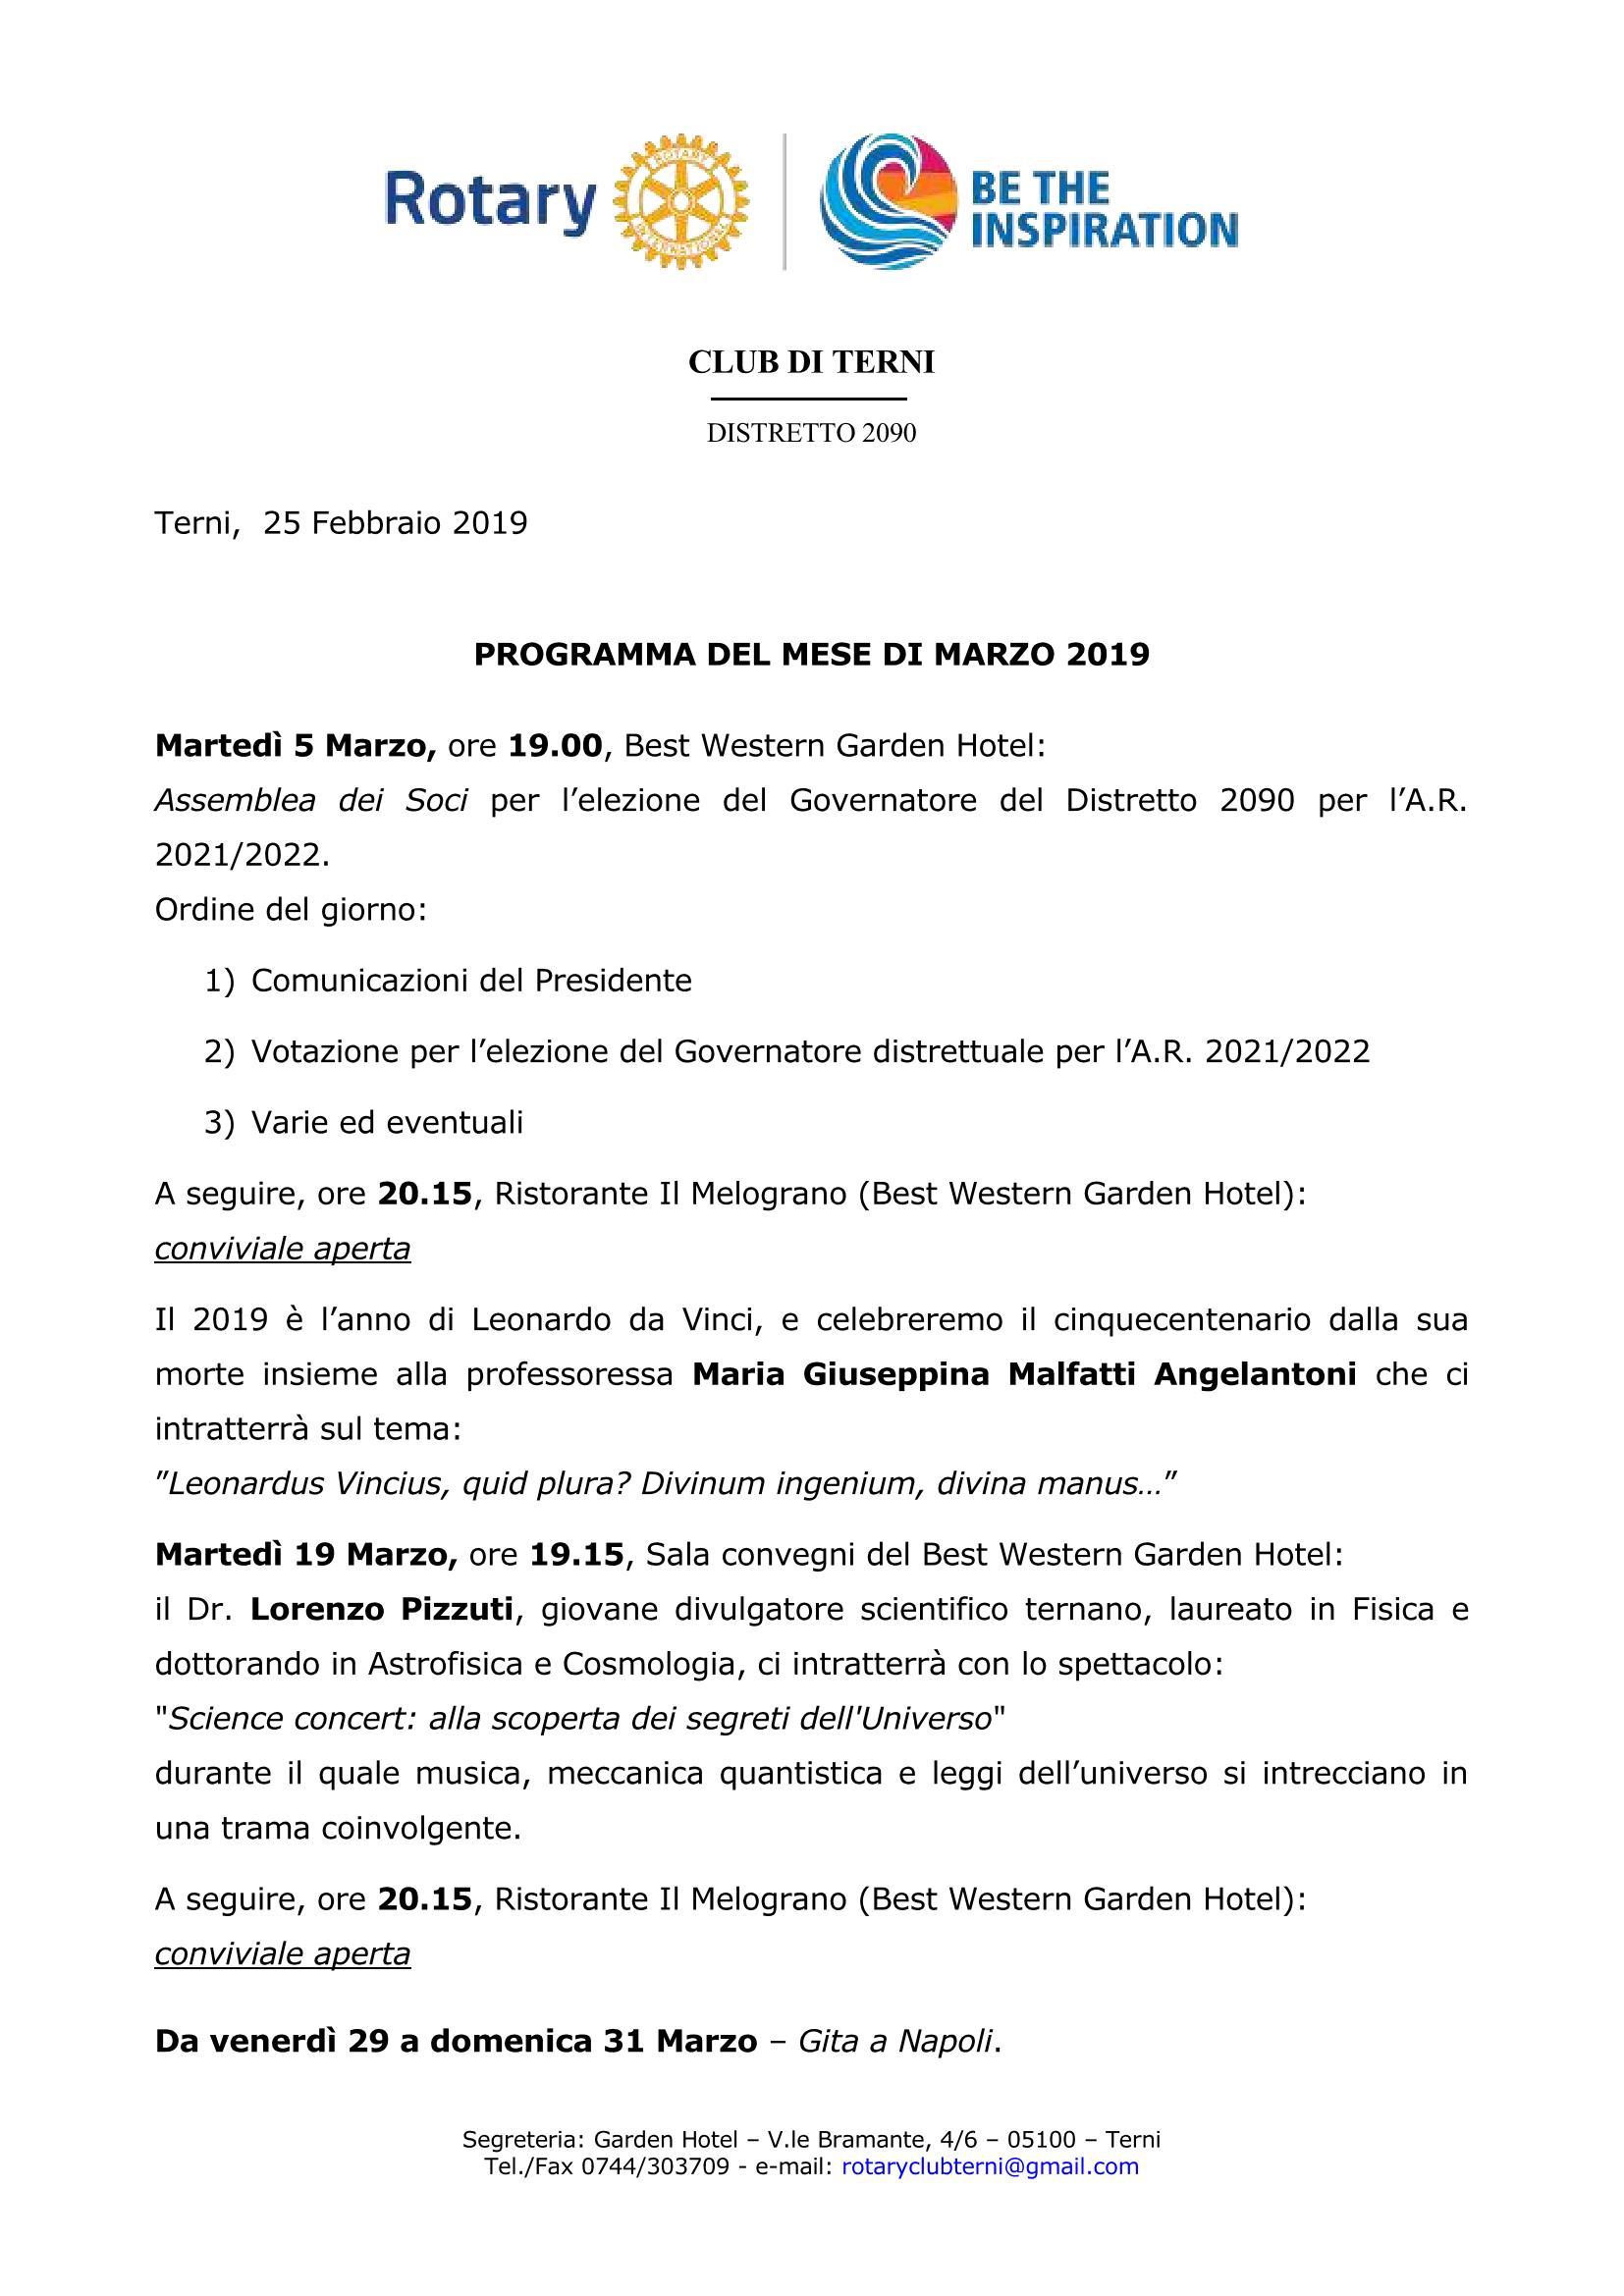 2019_03-RC Terni-Programma Marzo 2019_Page_1